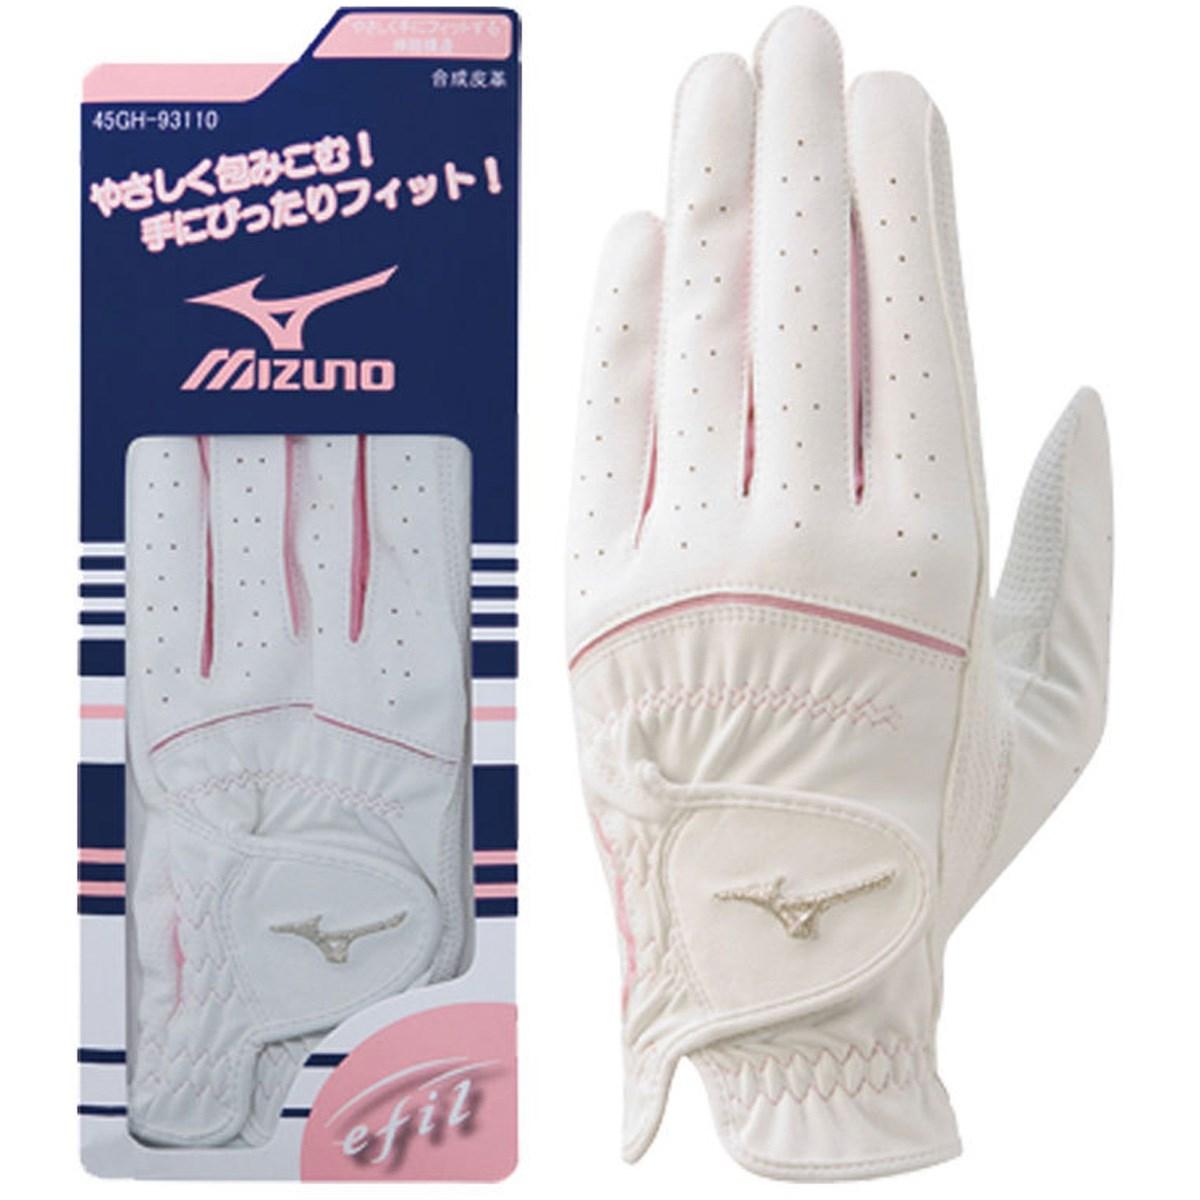 ミズノ MIZUNO efil グローブ 45GH93110 5枚セット 18cm 左手着用(右利き用) ホワイト/ピンク レディス